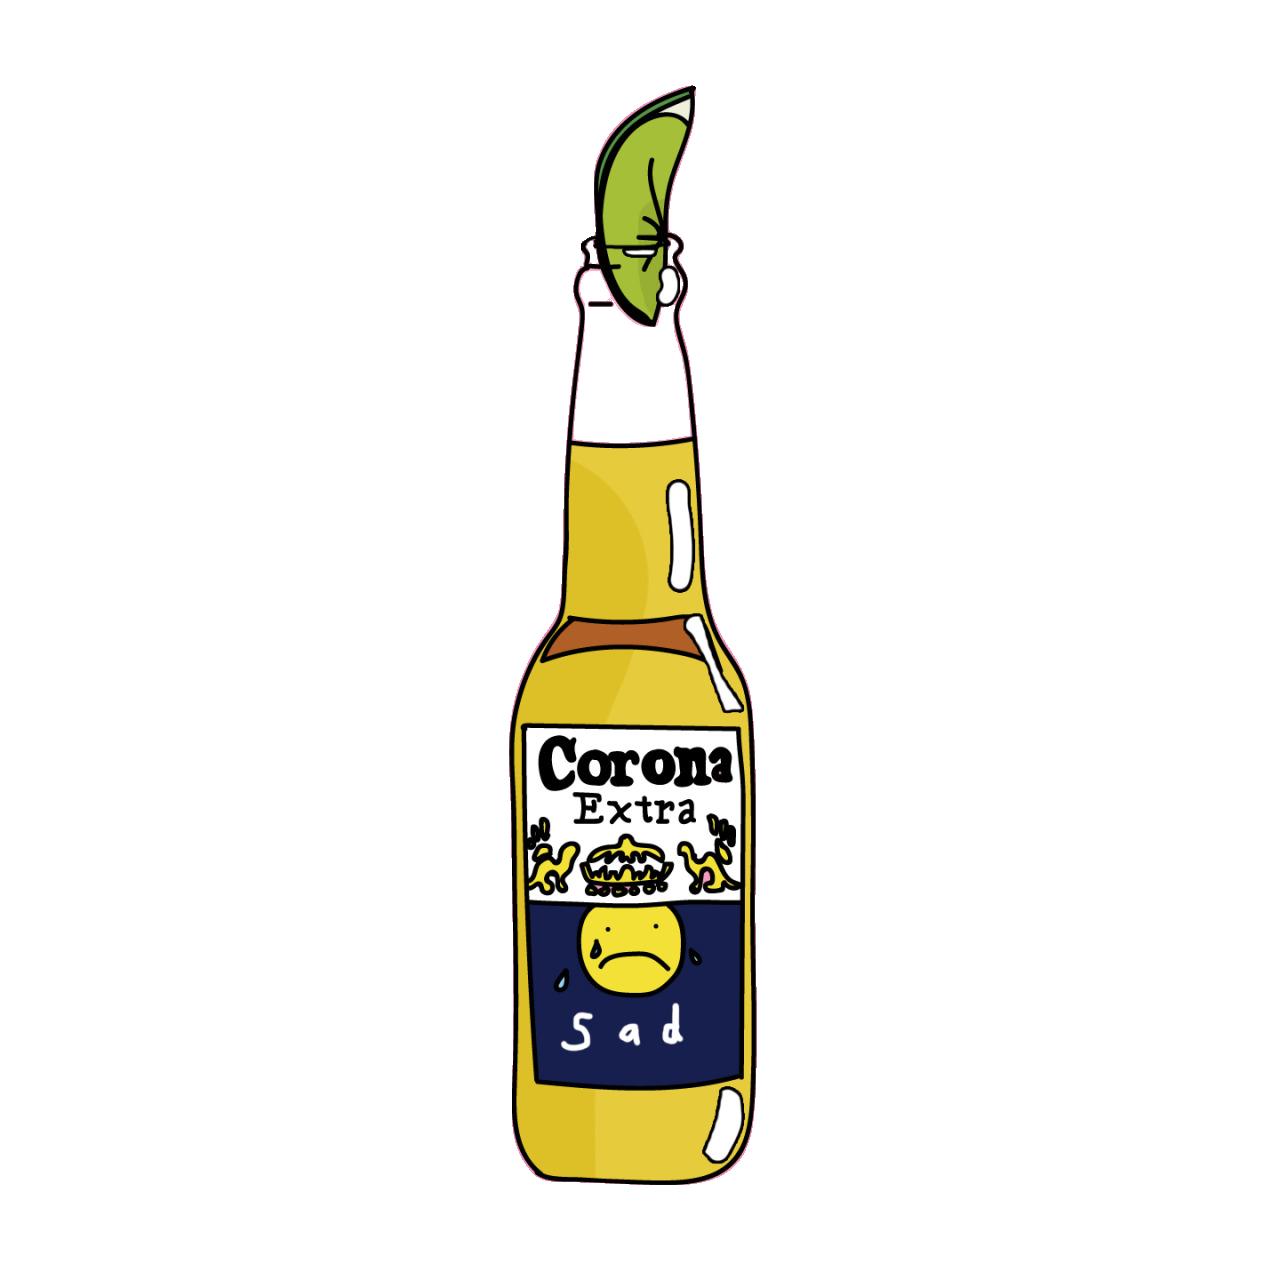 Corona beer.